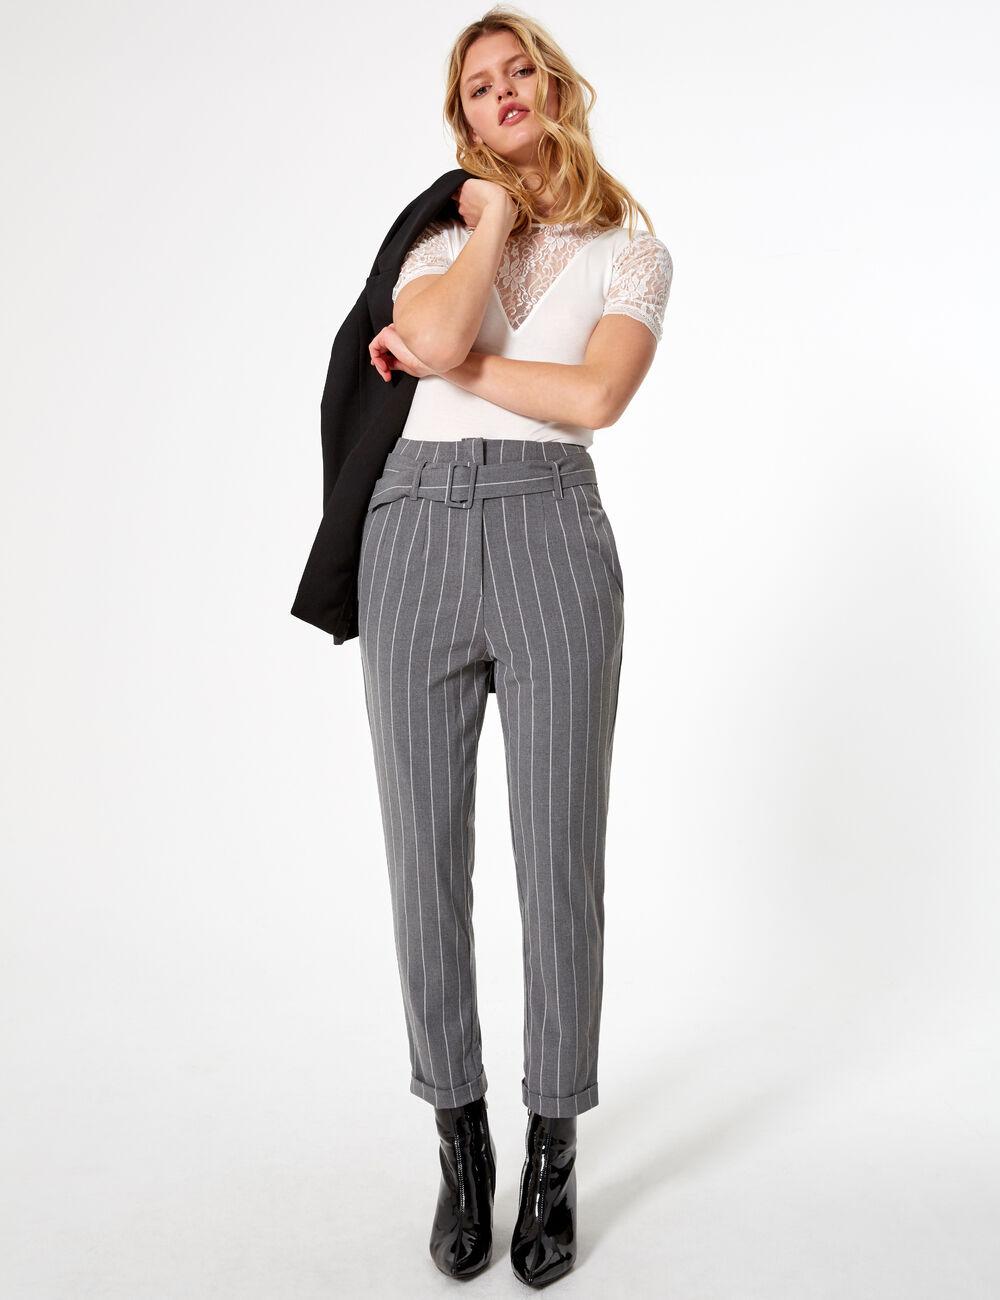 ccf2eda35a999 Pantalon rayé gris clair et blanc femme • Jennyfer